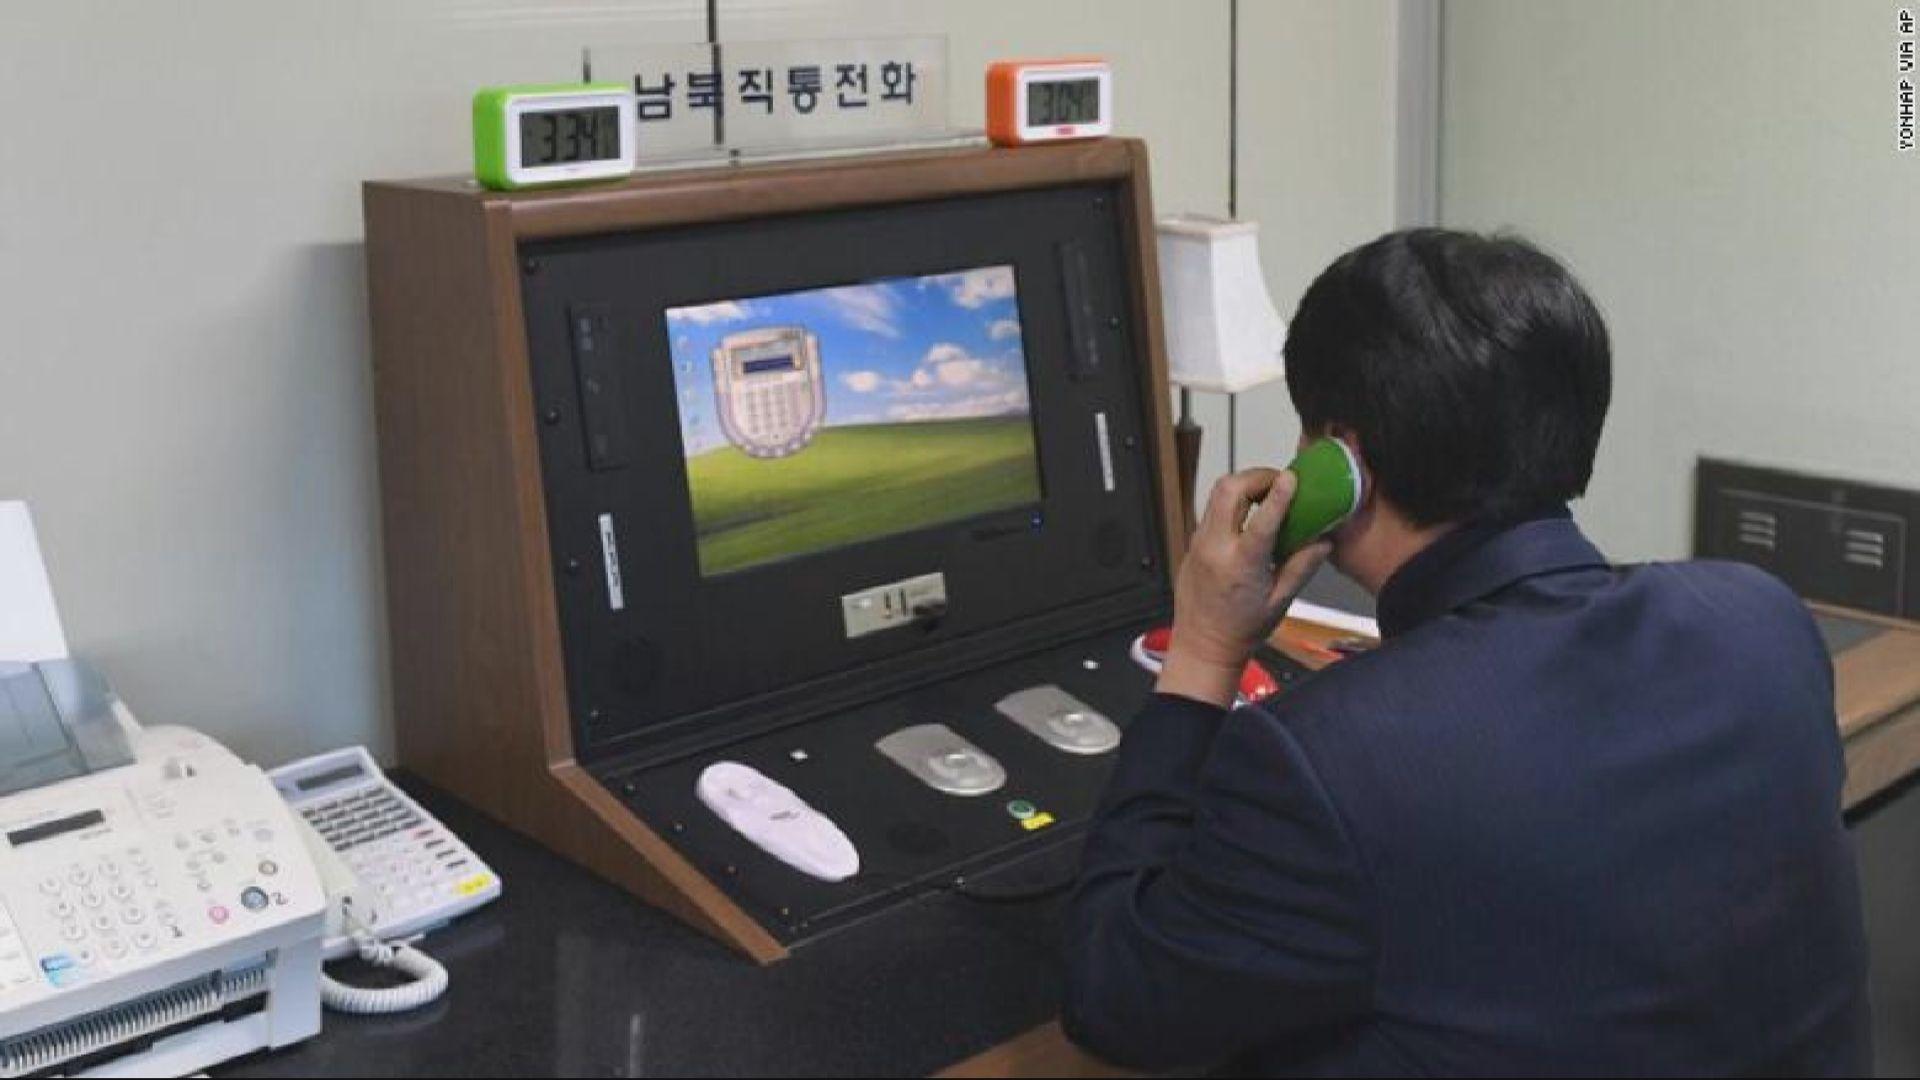 【環球薈報】兩韓最少有49條熱線 朝常單方面切斷